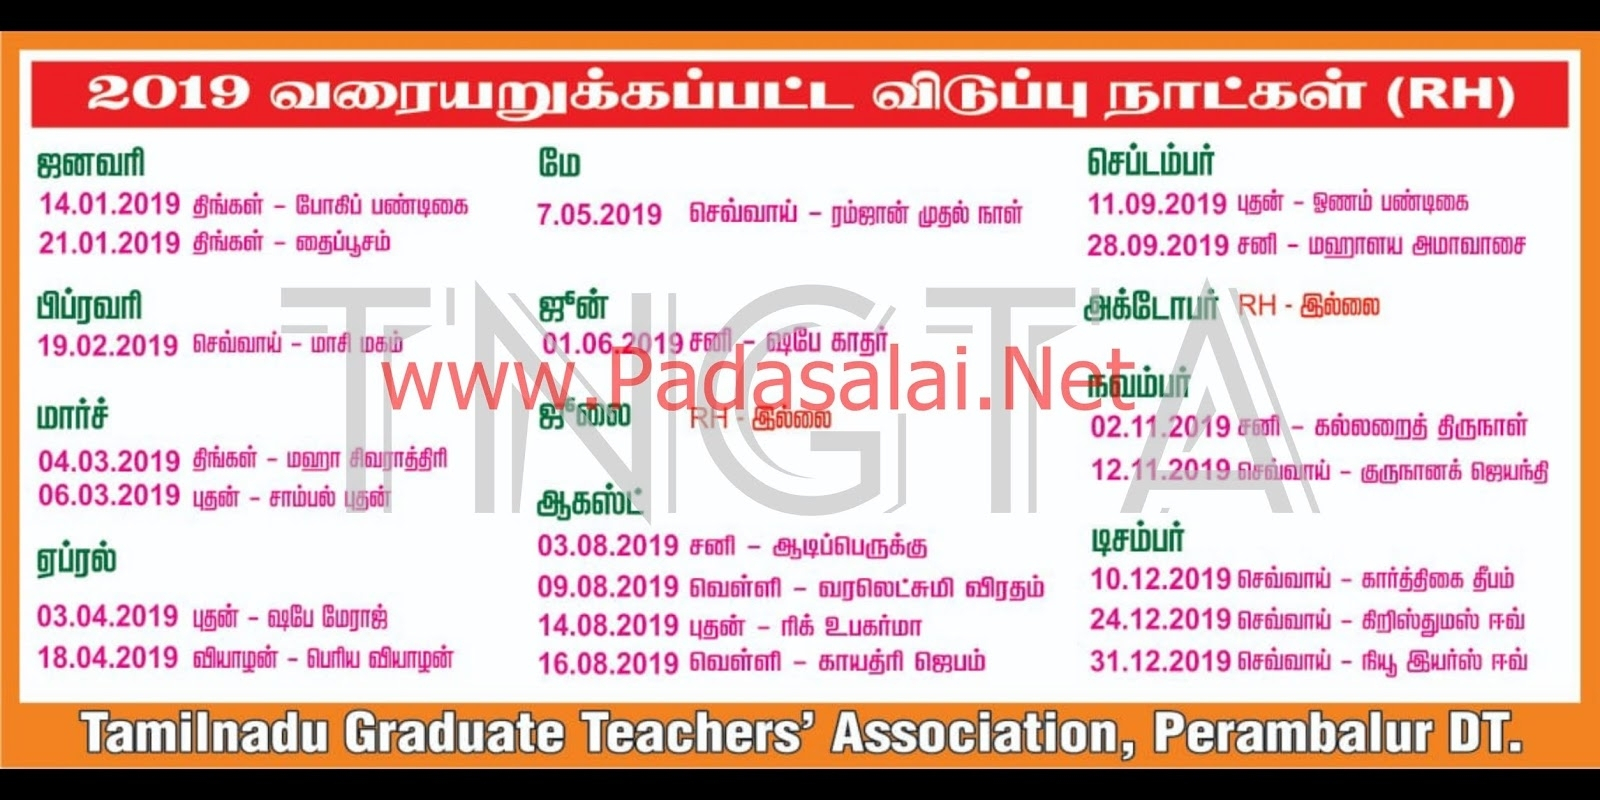 2020 Calendar Tamil Nadu